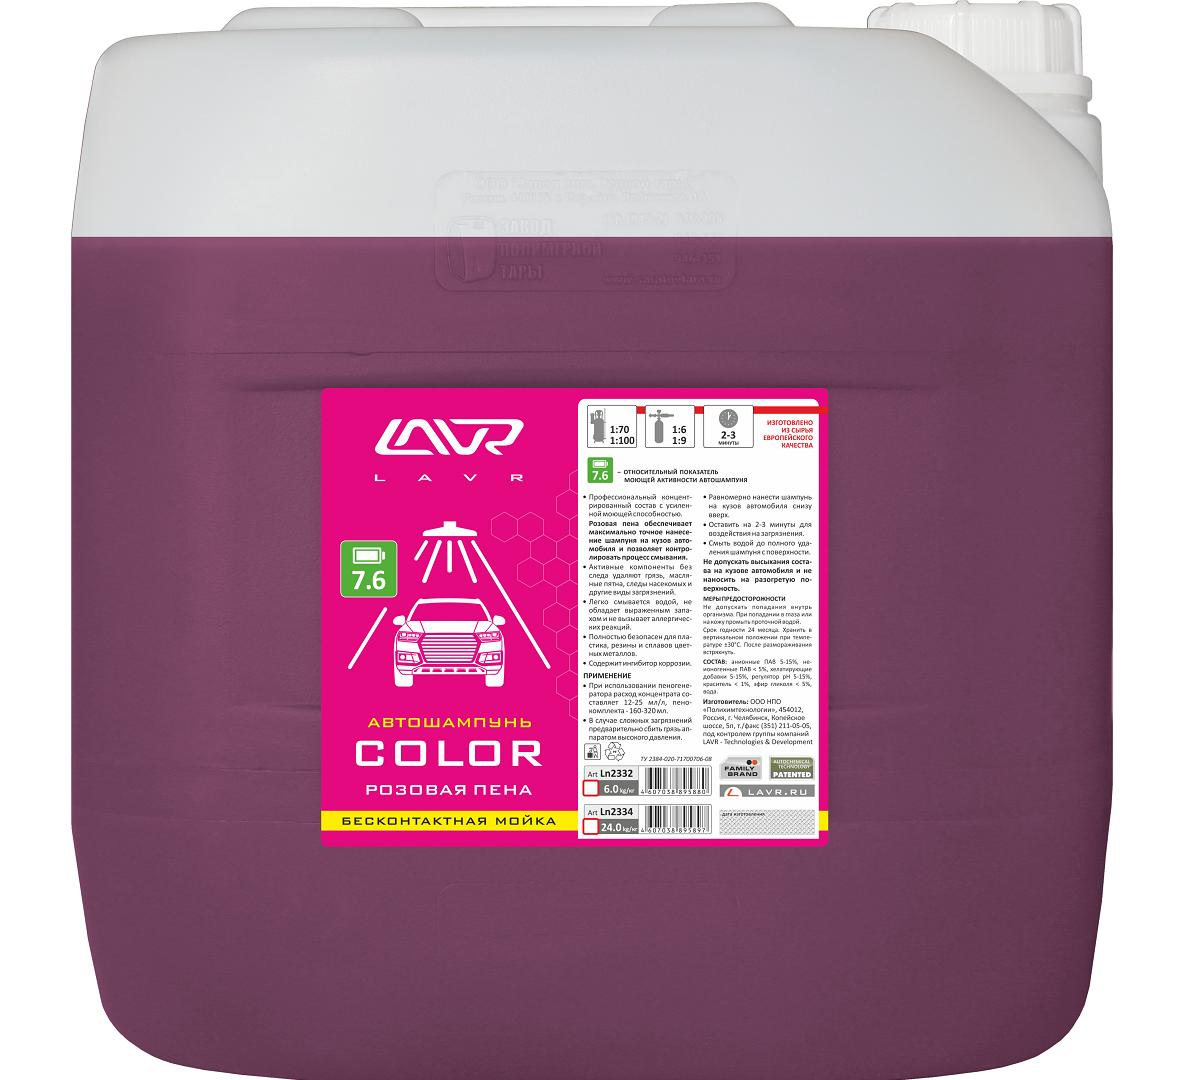 Автошампунь COLOR розовая пена (1:70-1:100), активность 7,6, 24,0кг Ln2334